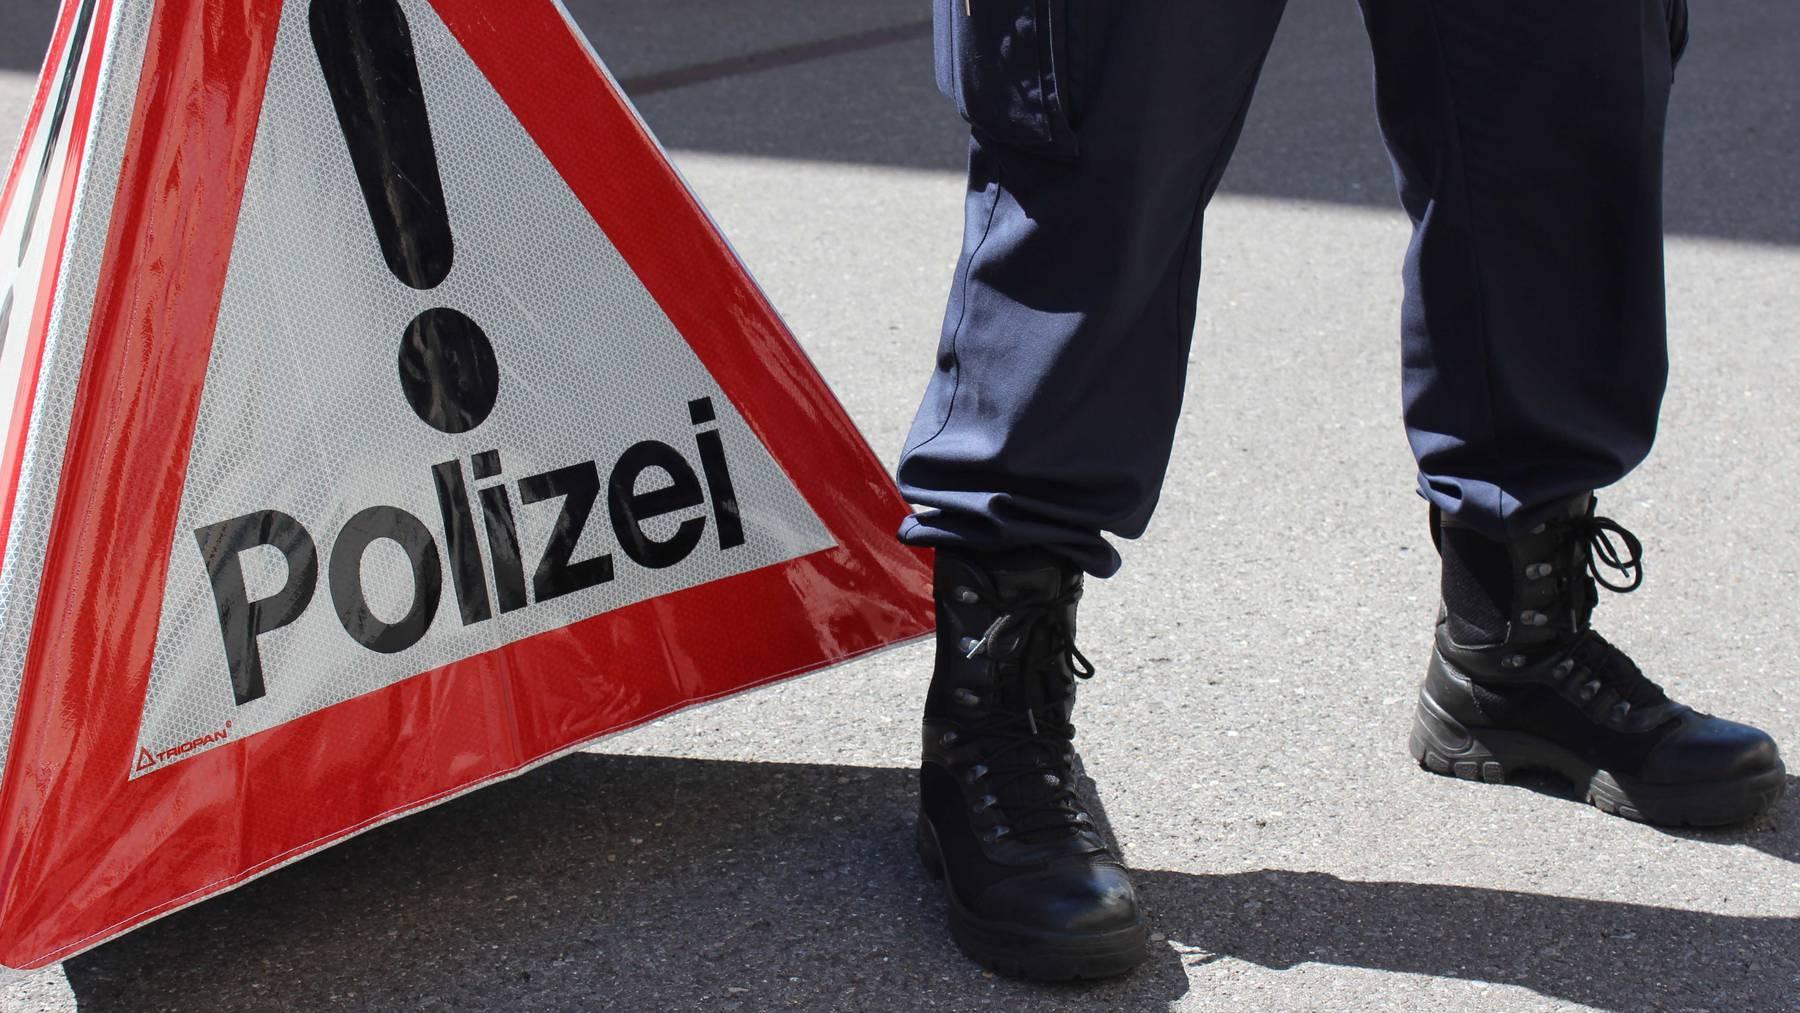 Die Polizei nahm den Mann mi Laufe der Untersuchungen vorübergehend fest. Nun wurde das Verfahren eingestellt. (Symbolbild)